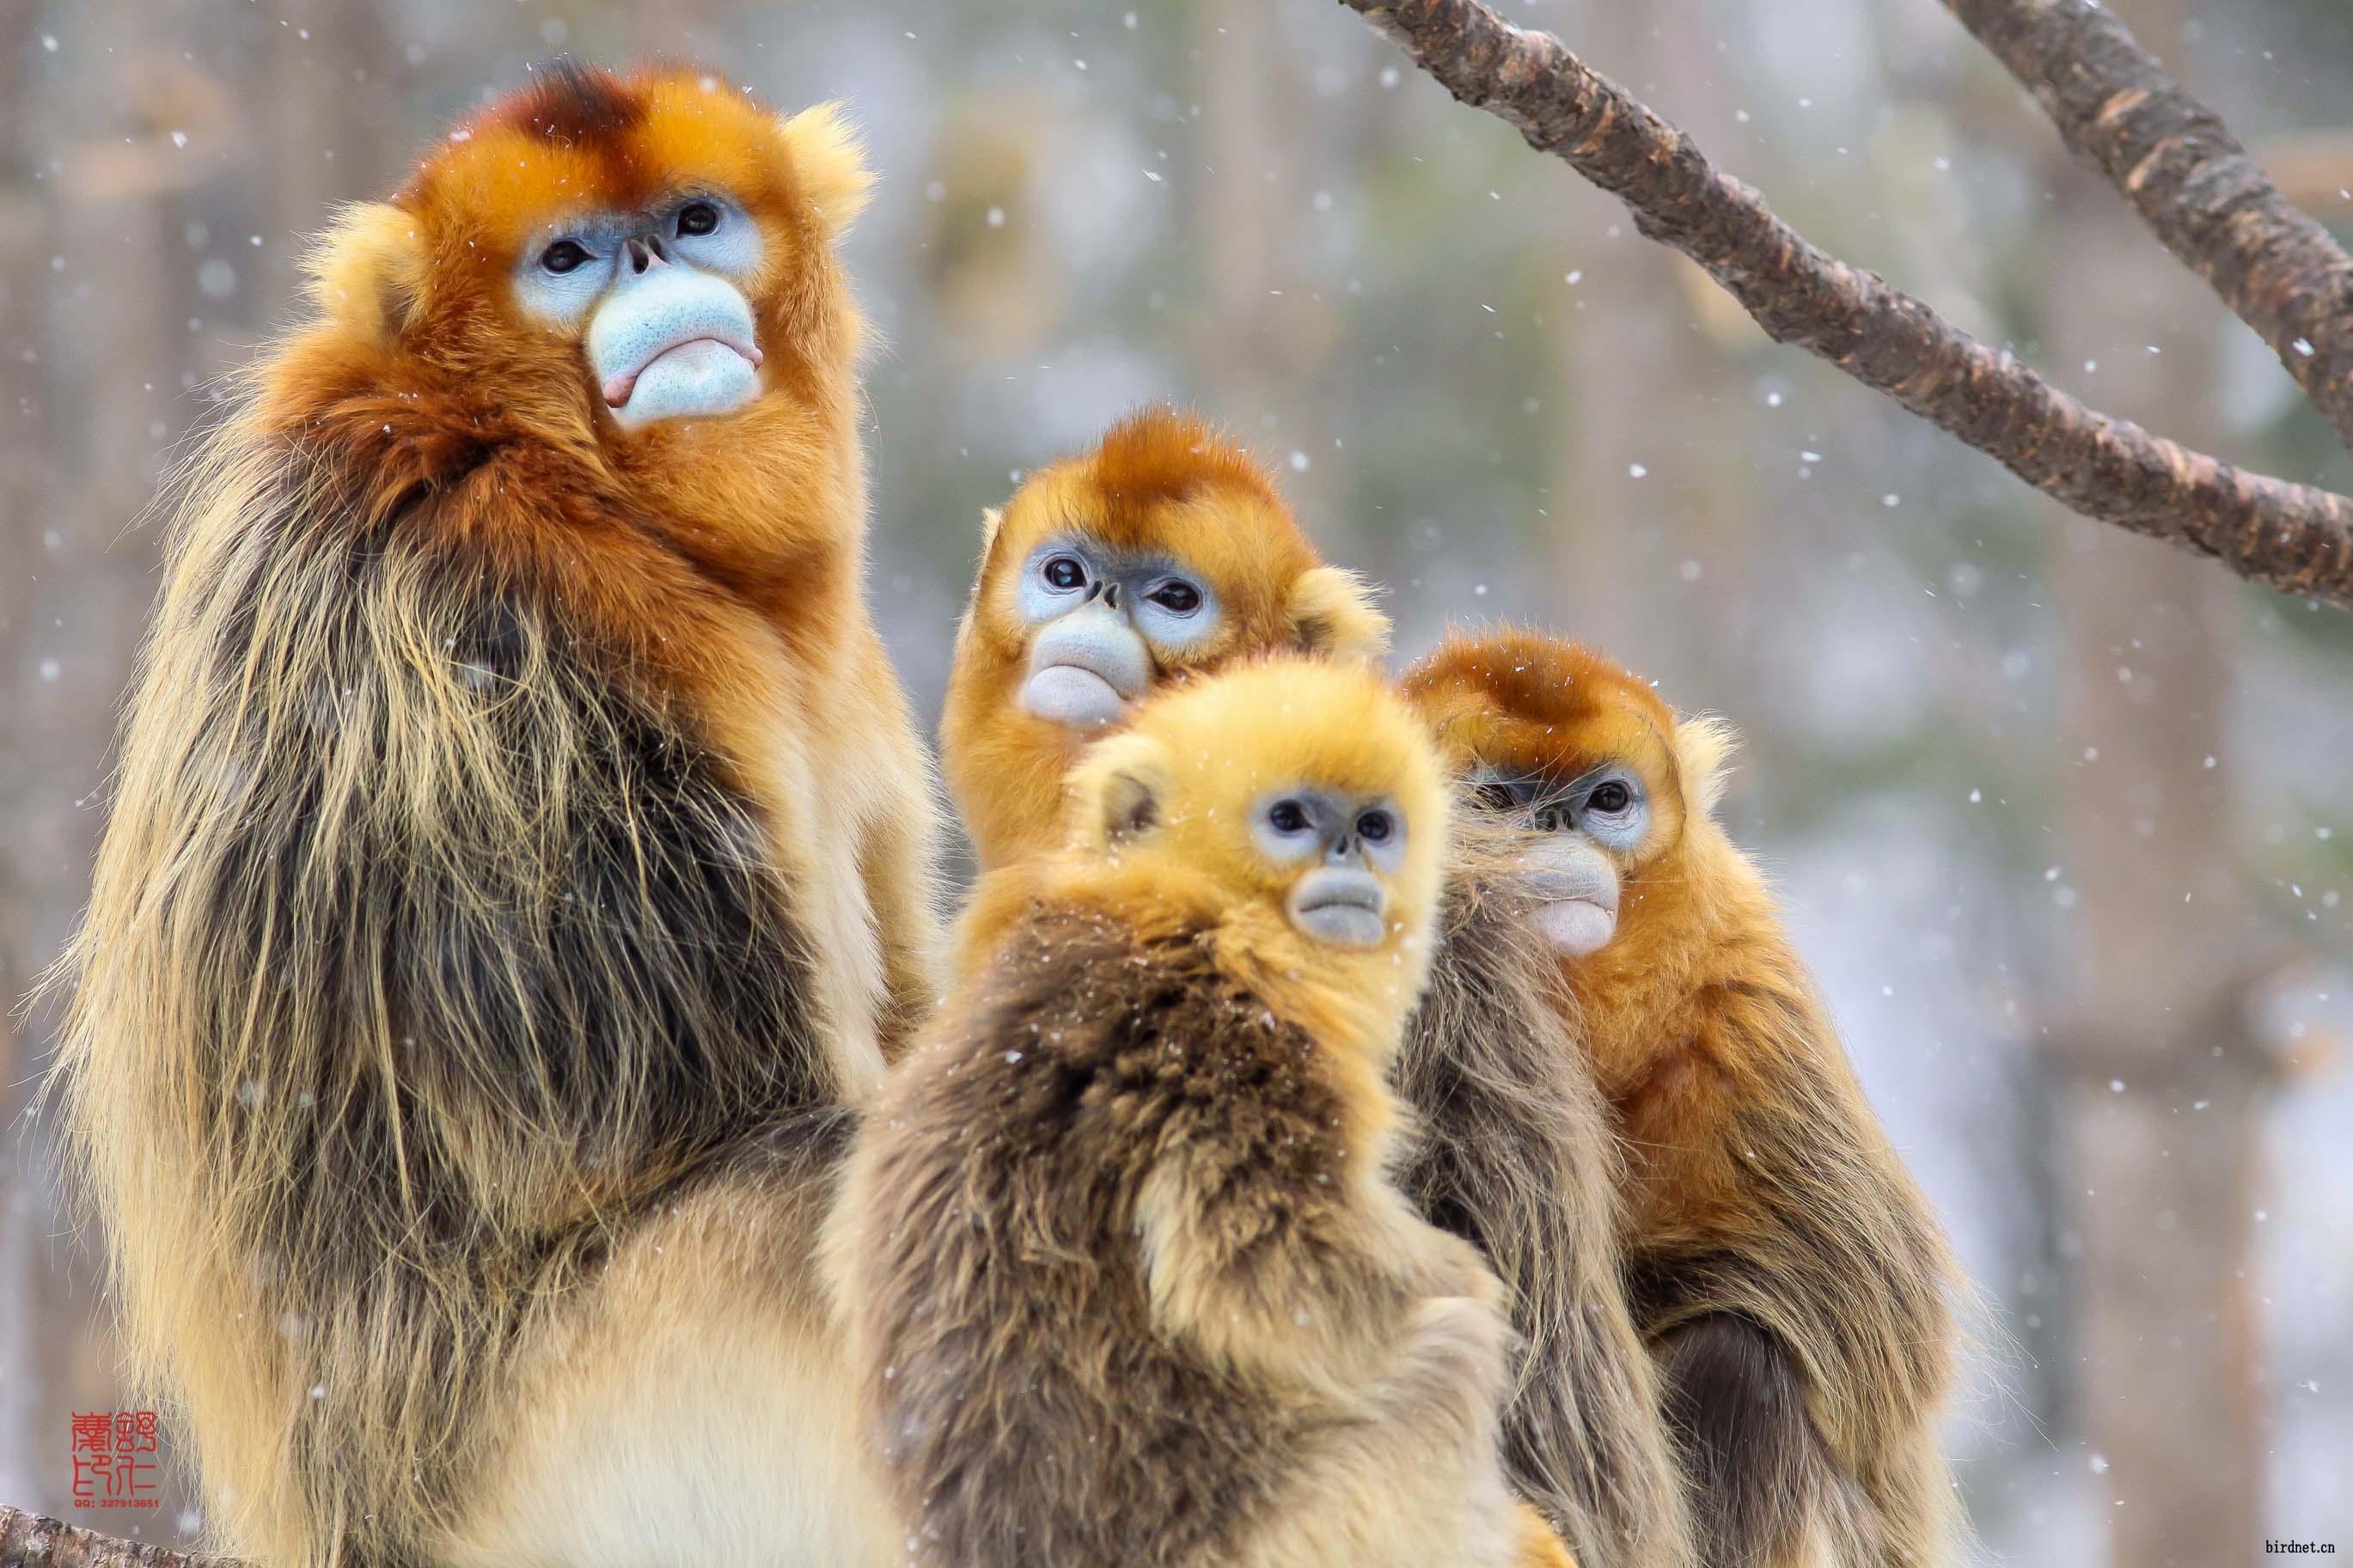 川金丝猴的全家福.给鸟友们拜年了!祝:猴年大吉!